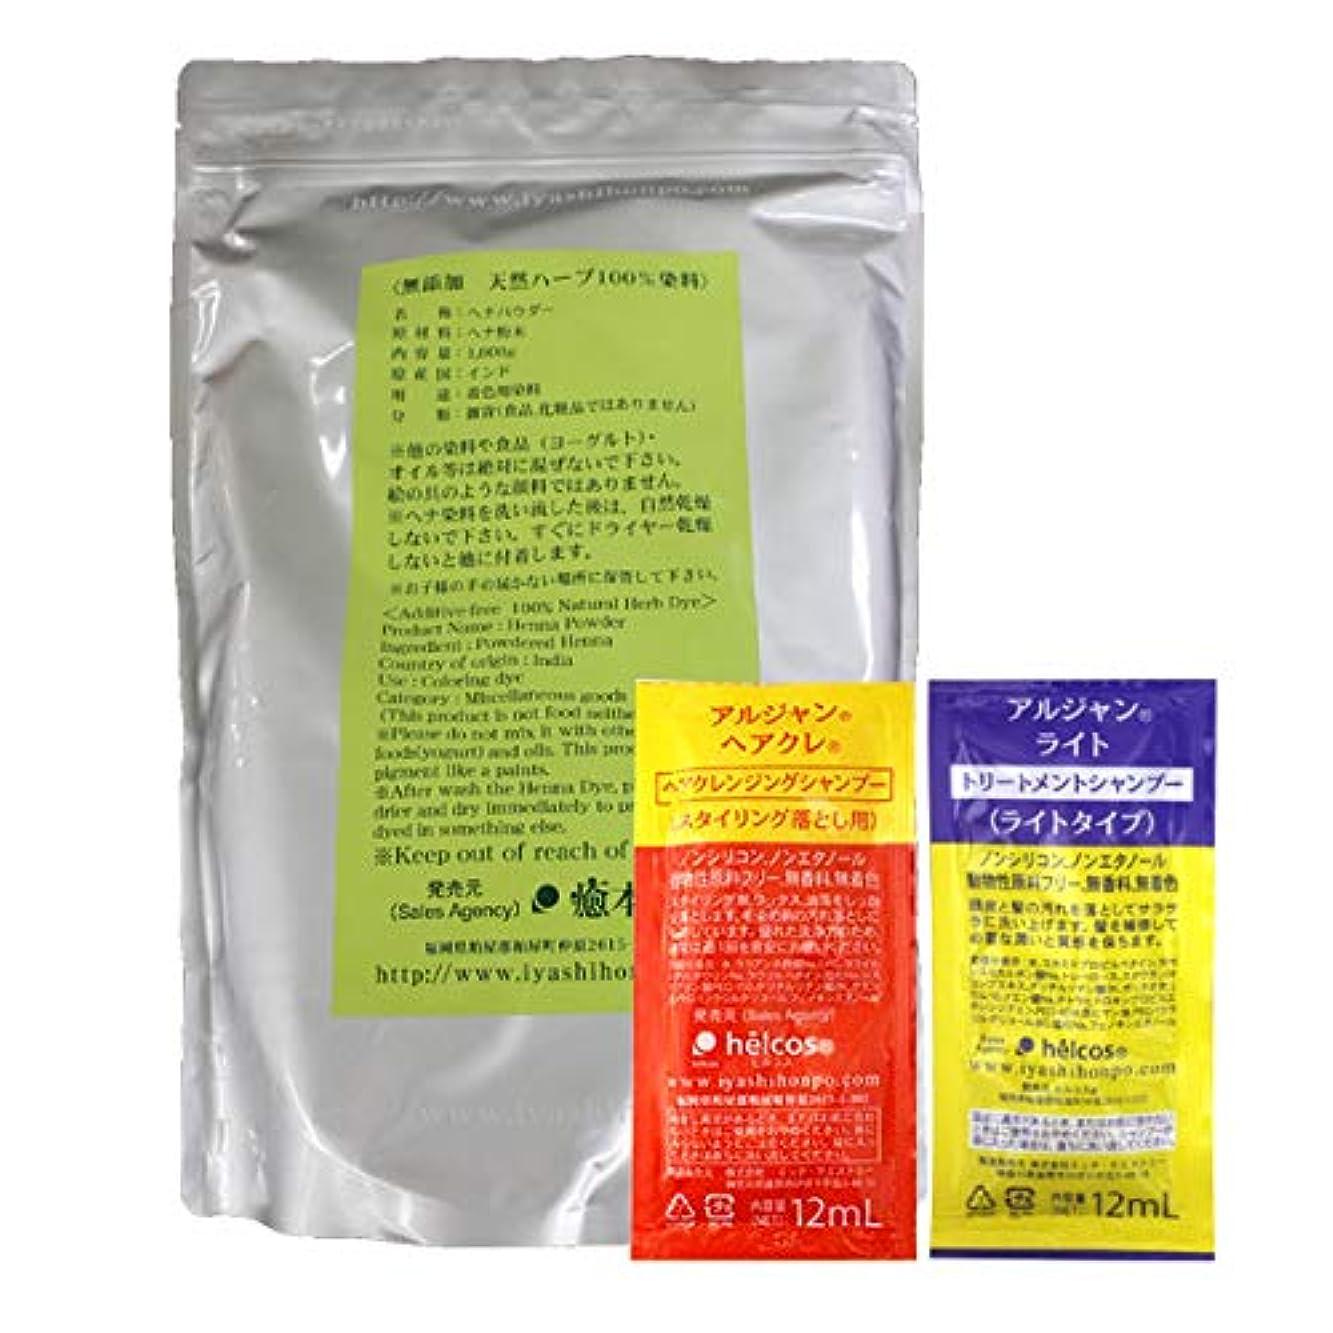 カラス離れて金属白髪染め ヘナ(天然染料100%) 1,000g + シャンプー2種セット 癒本舗(ブラウン)